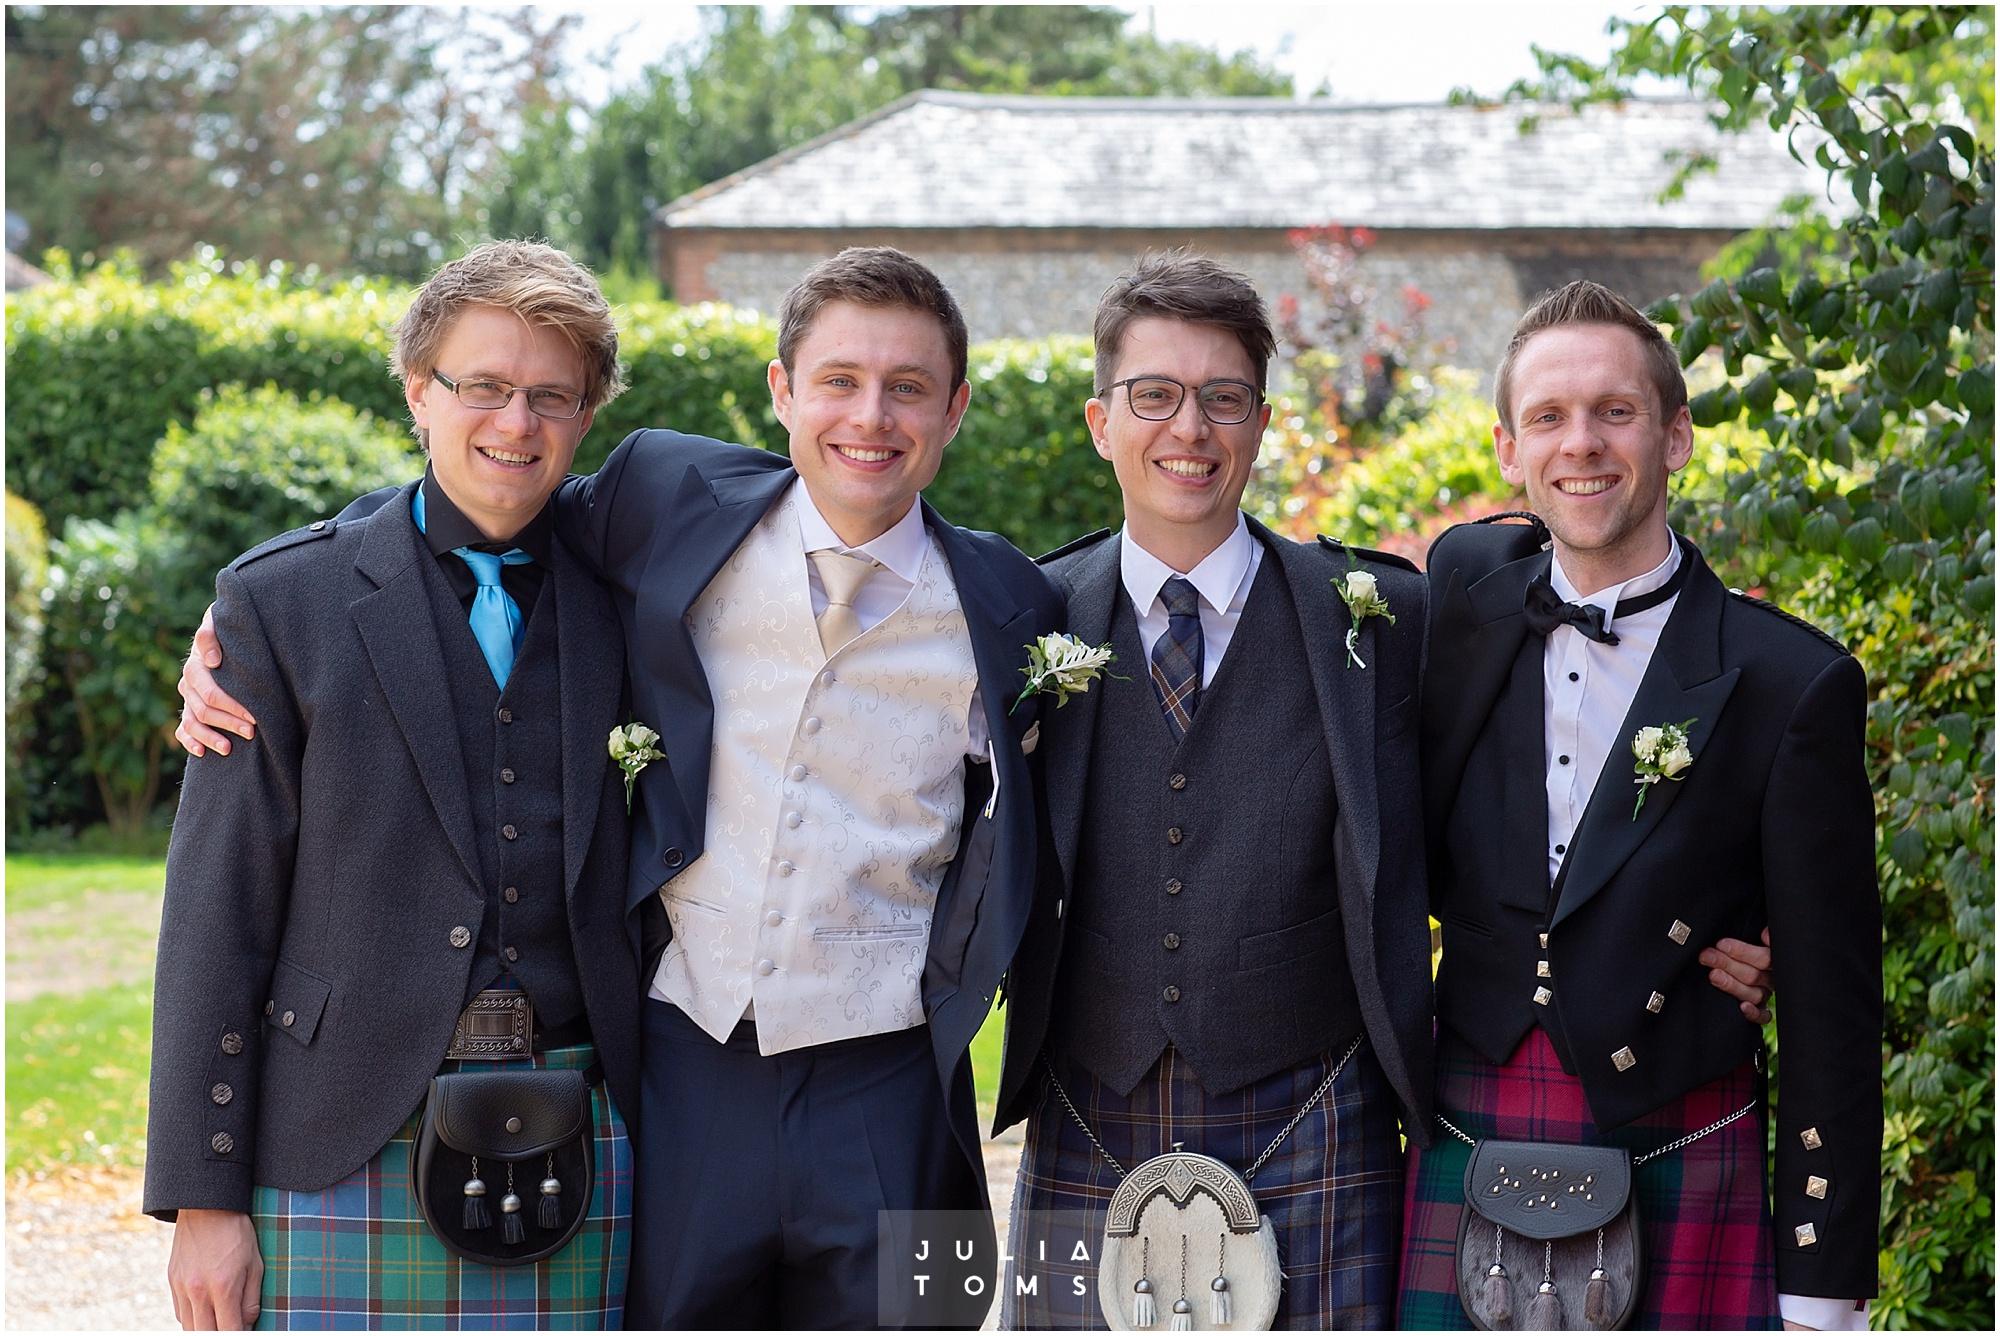 westsussex_wedding_photographer_westdean_020.jpg